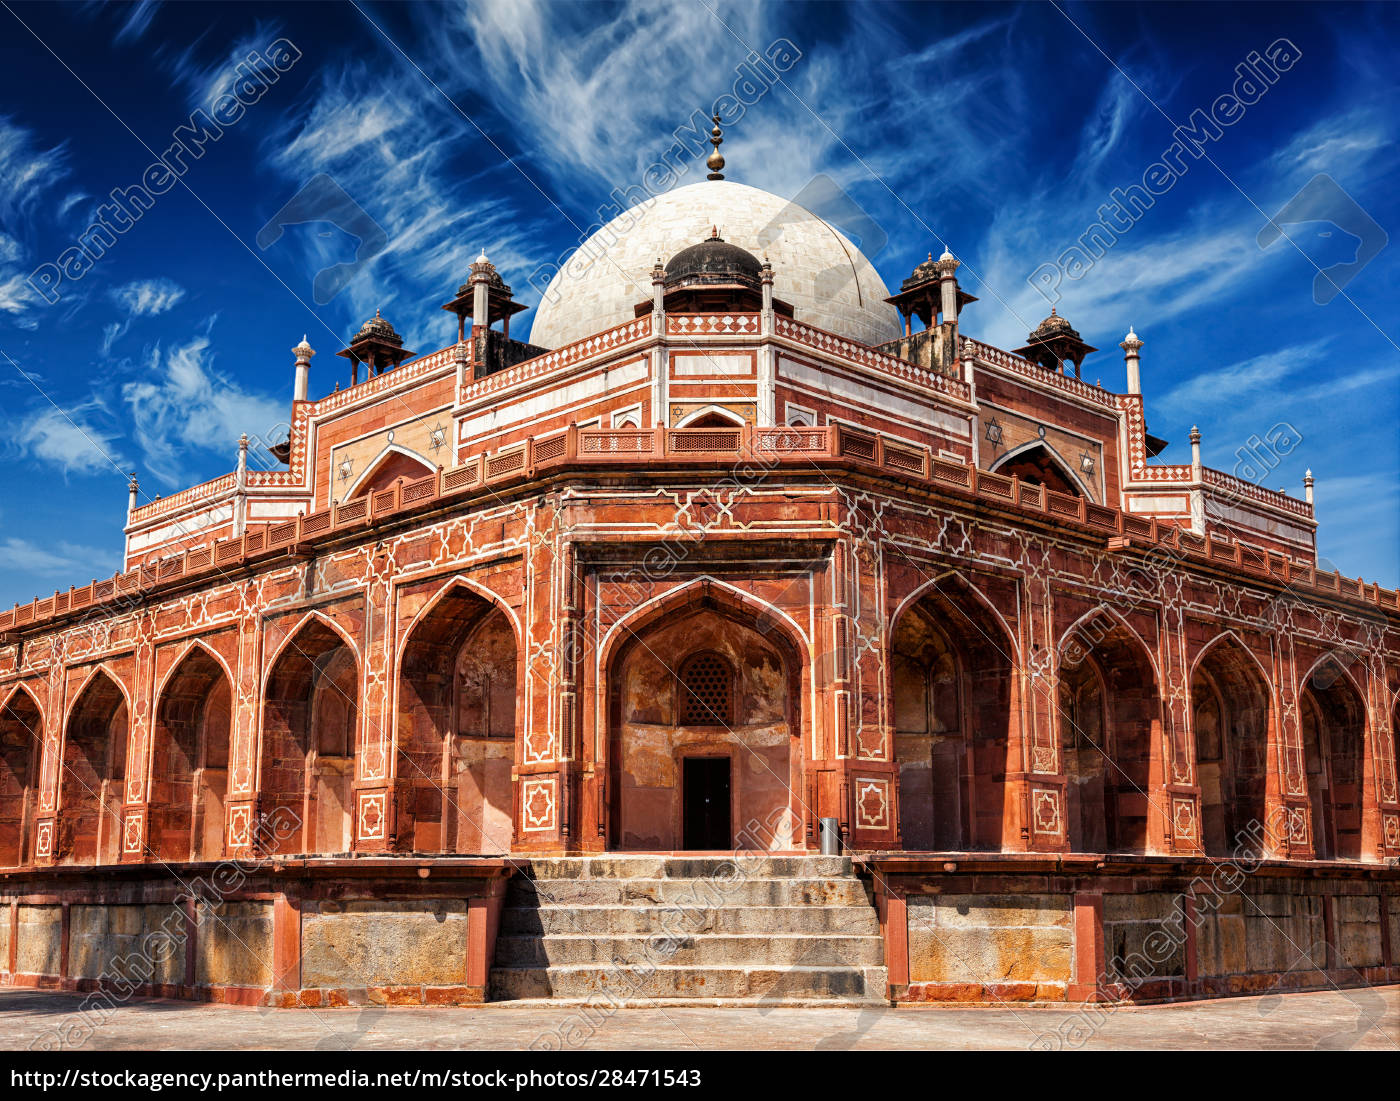 humayun's, tomb., delhi, , india - 28471543